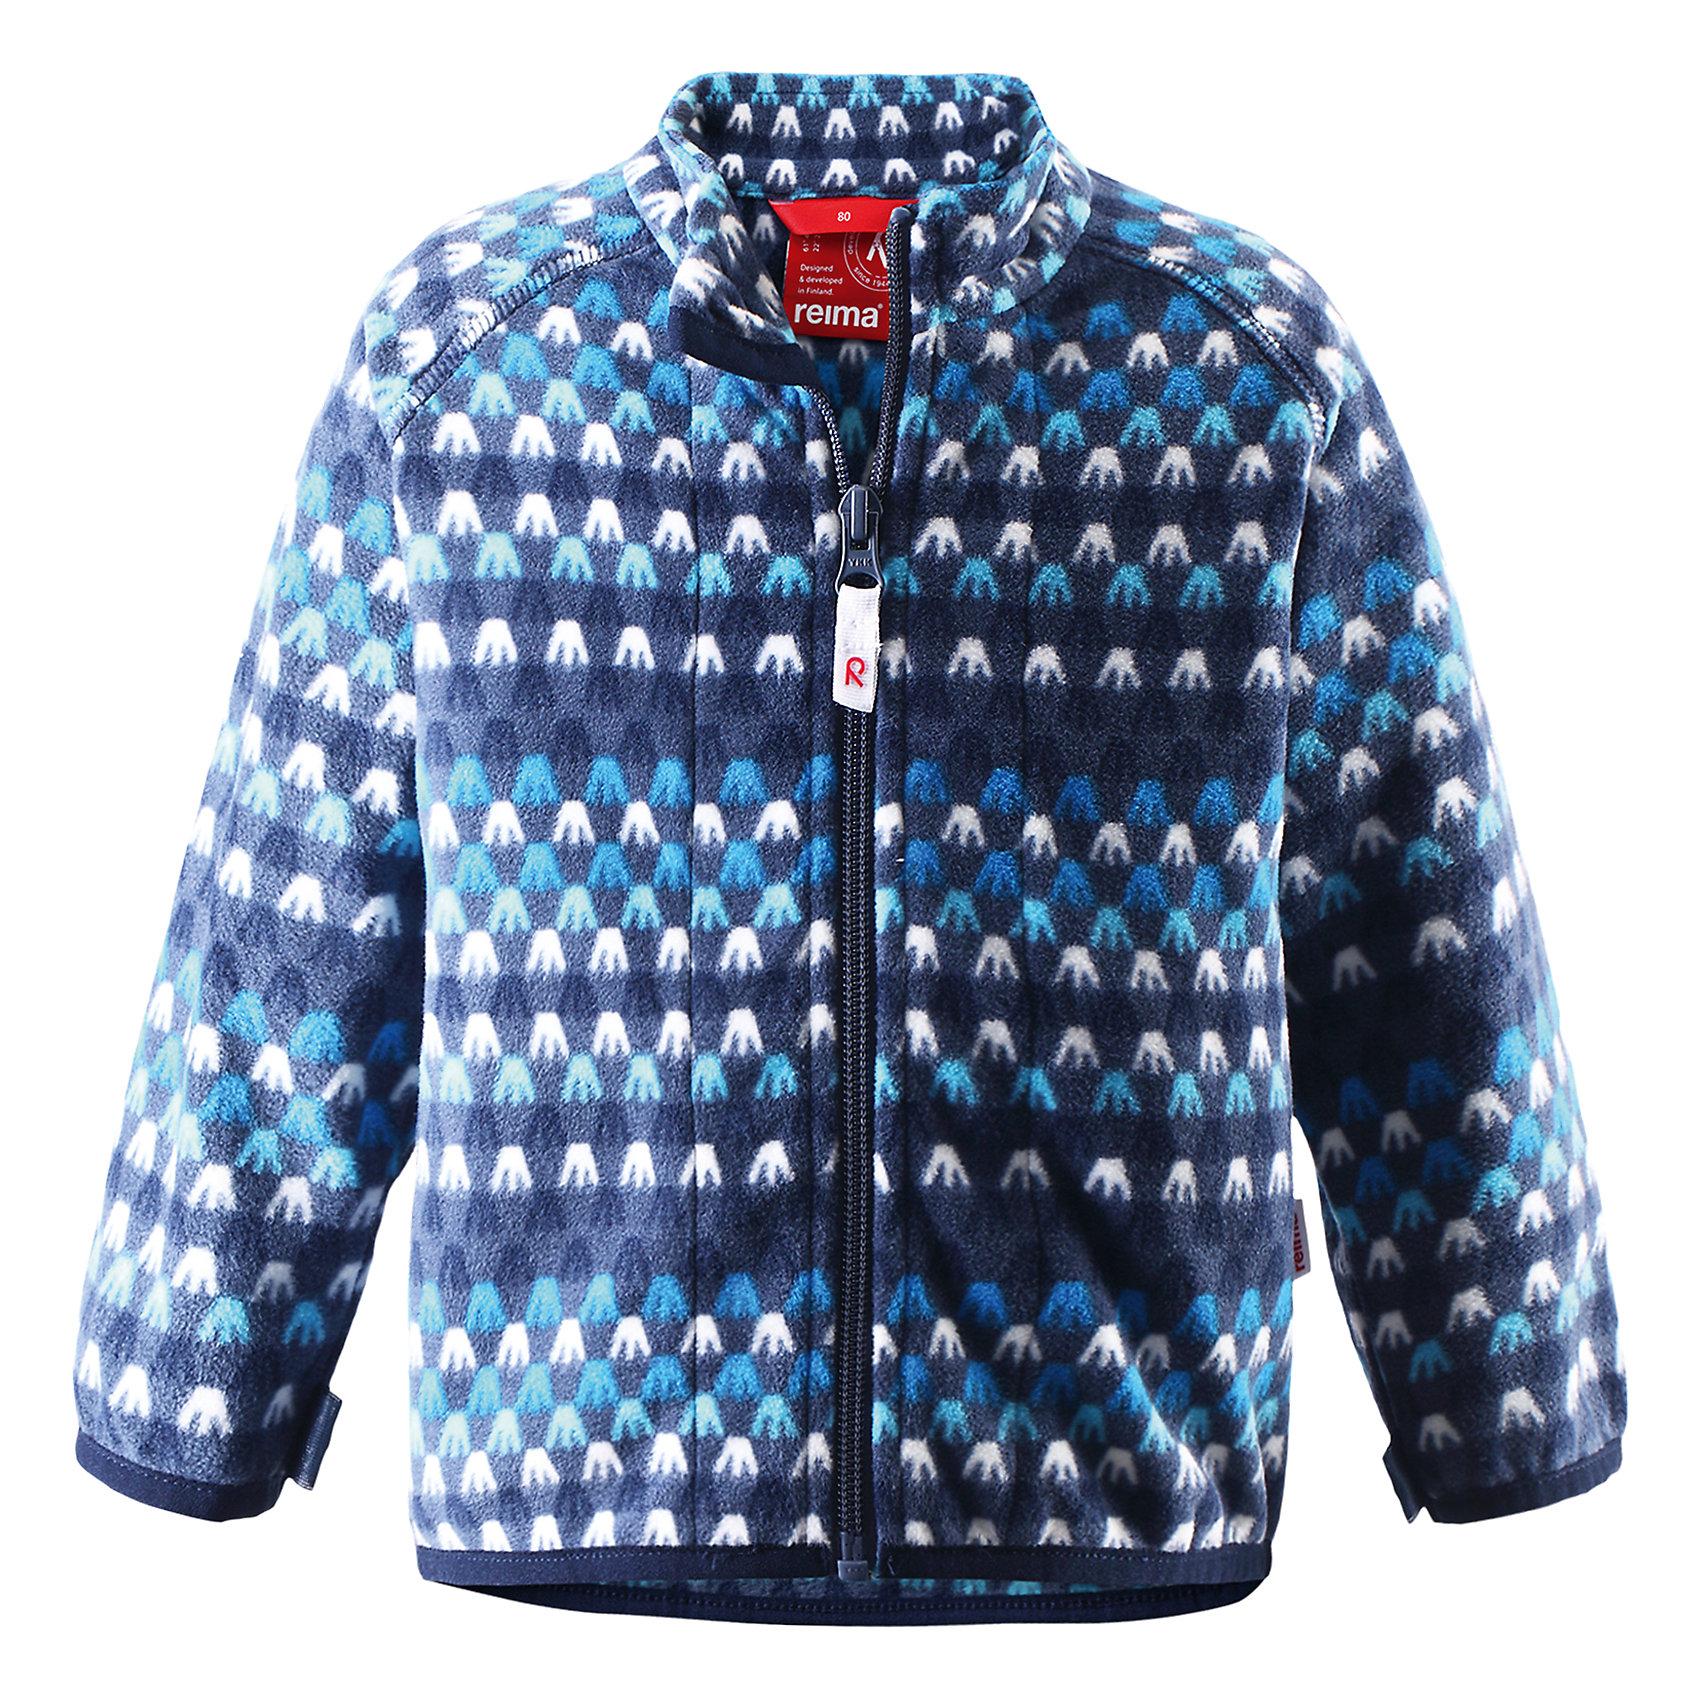 Куртка флисовая Vemmel ReimaКуртка флисовая  Reima<br>Флисовая куртка для малышей. Выводит влагу наружу и быстро сохнет. Теплый, легкий и быстросохнущий поларфлис. Может пристегиваться к верхней одежде Reima® кнопками Play Layers®. Эластичные манжеты. Удлиненный подол сзади. Молния по всей длине с защитой подбородка. Принт по всей поверхности.<br>Уход:<br>Стирать по отдельности, вывернув наизнанку. Застегнуть молнии. Стирать моющим средством, не содержащим отбеливающие вещества. Полоскать без специального средства.  Сушить при низкой температуре.<br>Состав:<br>100% Полиэстер<br><br>Ширина мм: 356<br>Глубина мм: 10<br>Высота мм: 245<br>Вес г: 519<br>Цвет: синий<br>Возраст от месяцев: 9<br>Возраст до месяцев: 12<br>Пол: Унисекс<br>Возраст: Детский<br>Размер: 80,98,74,86,92<br>SKU: 4778960